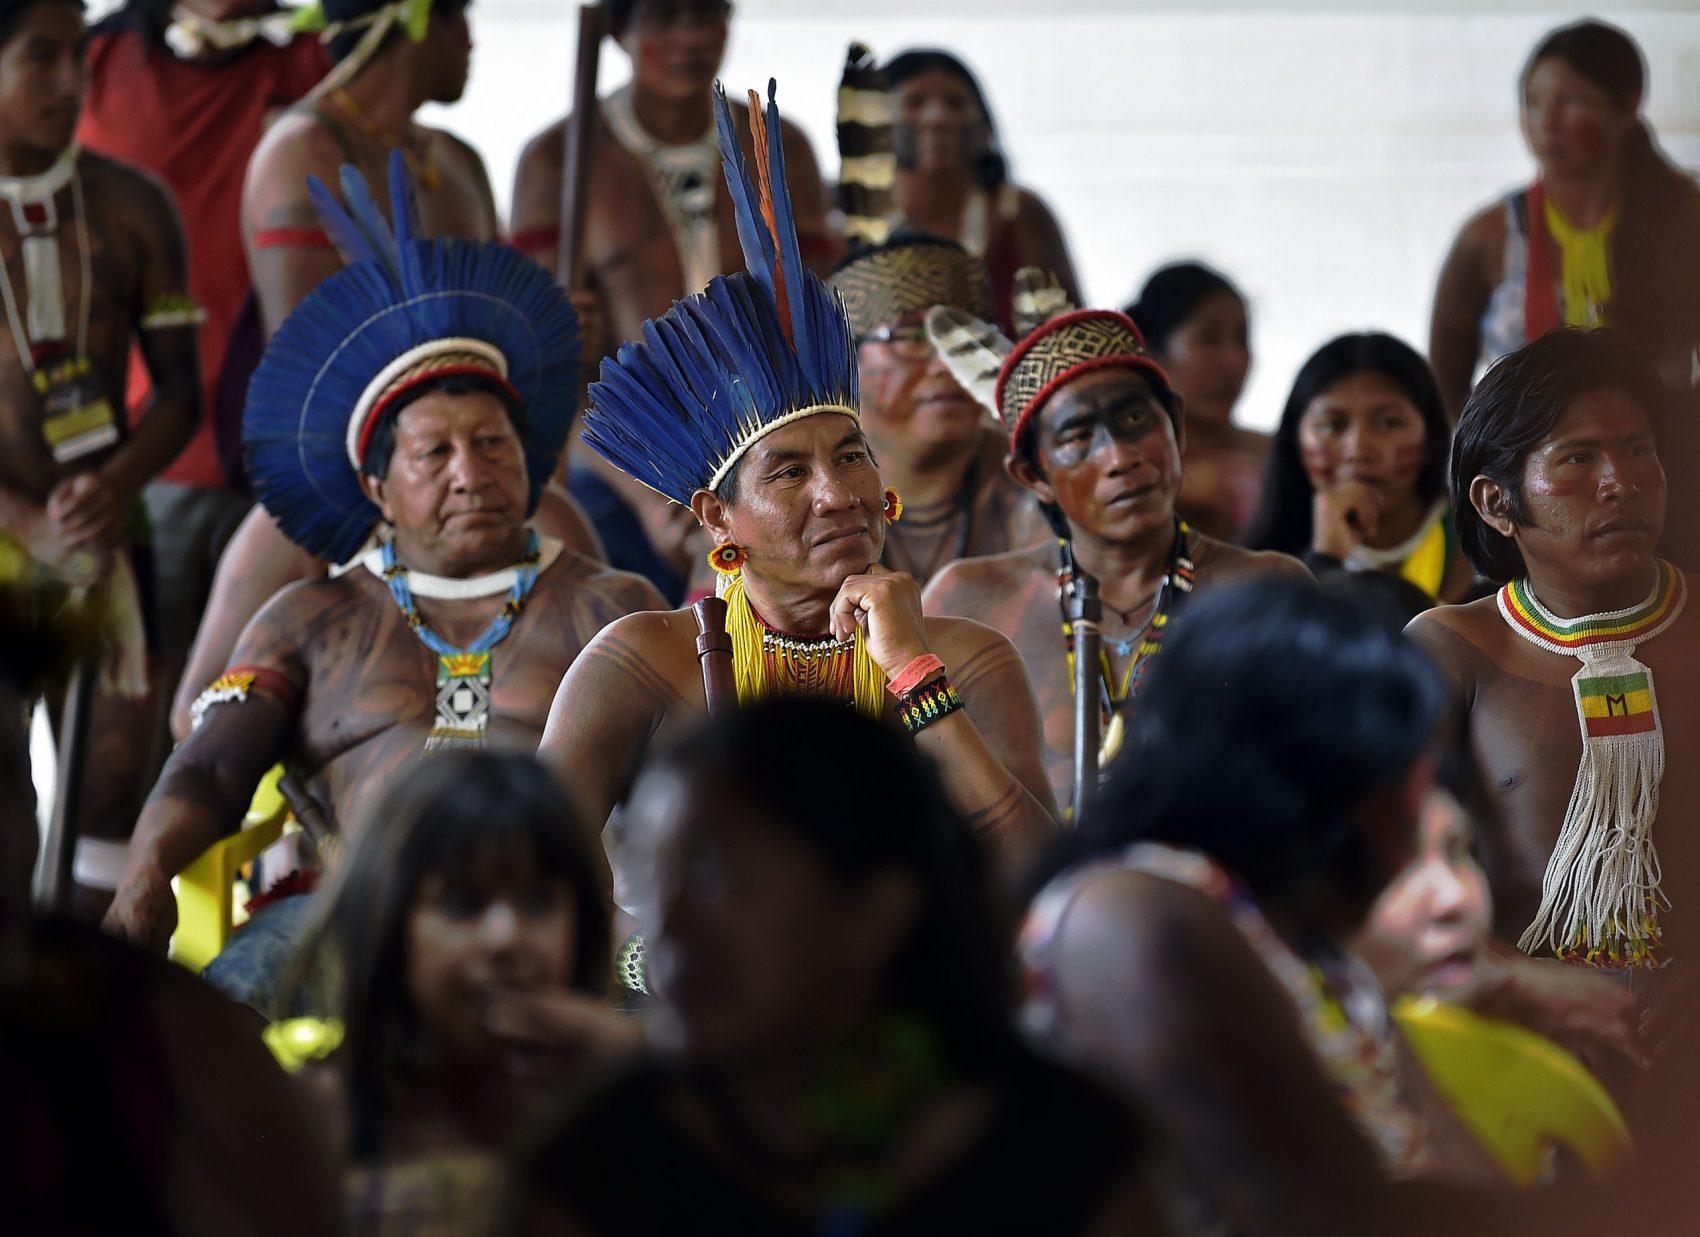 Caciques e líderes de etnias indígenas reunidos na TI Capoto Jarina, São José do Xingu (MT): representantes de 45 povos vestidos com as cores de suas culturas originais (Foto: Carl de Souza/AFP)